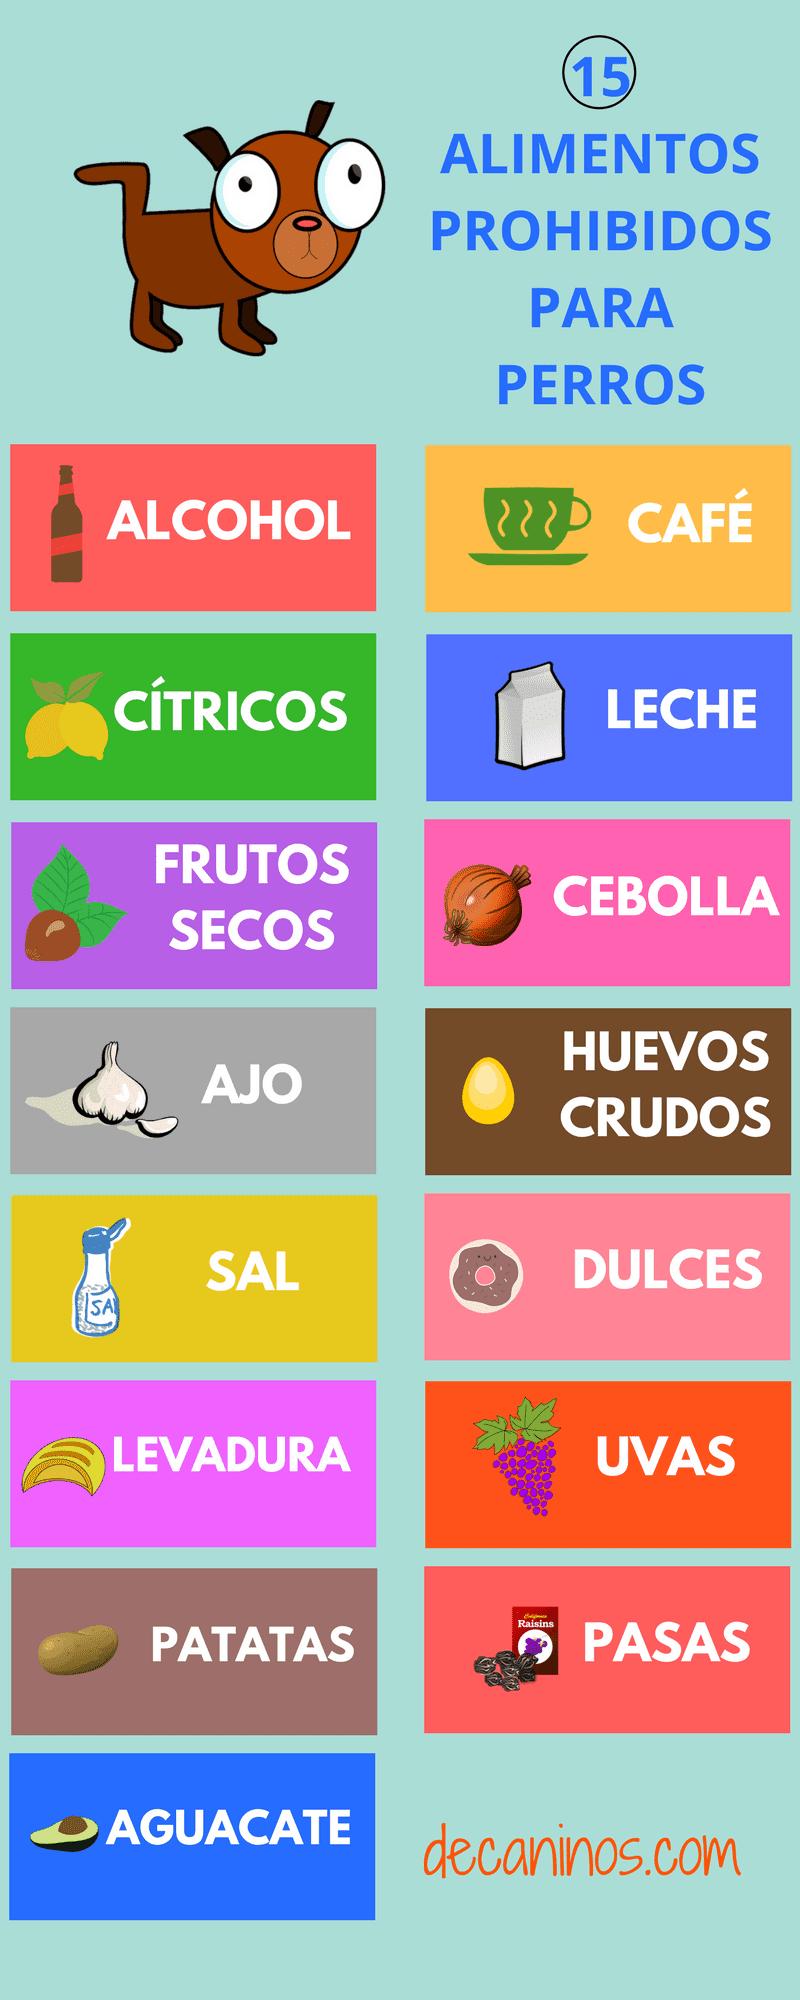 Cuidado con estos 15 alimentos prohibidos para perros - Alimentos recomendados para perros ...